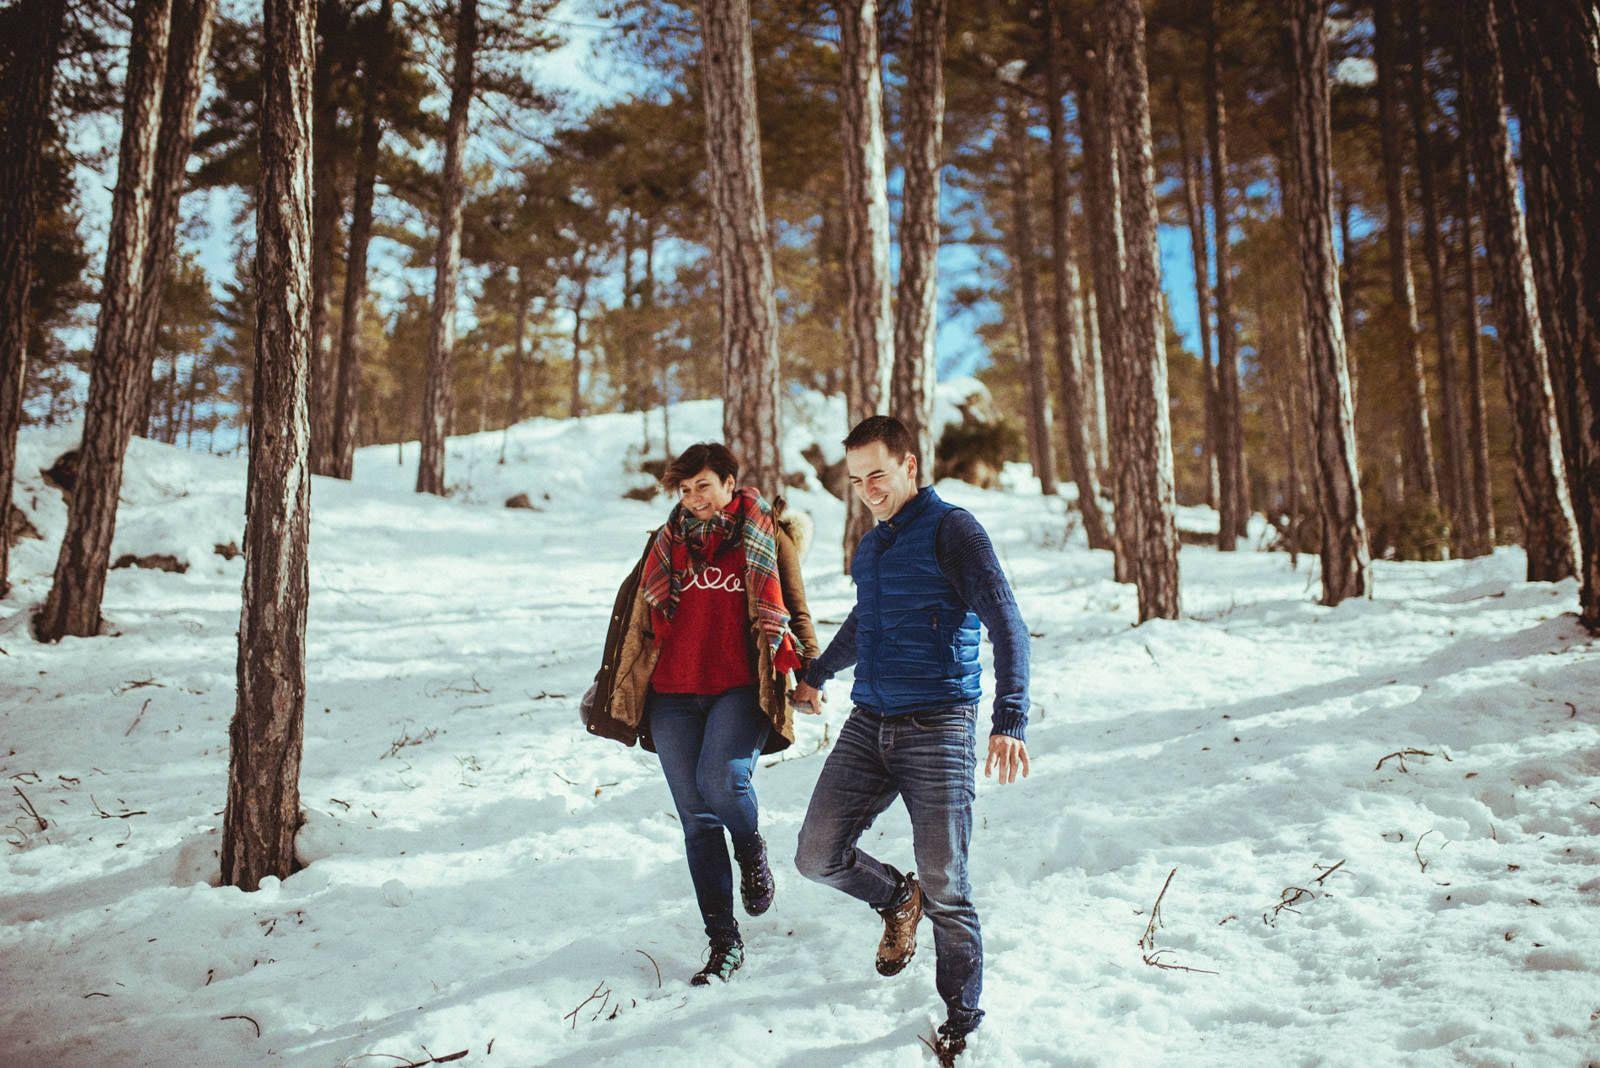 Fotografias de preboda en la nieve Valencia - Santi Miquel - Fotografo de boda - 001